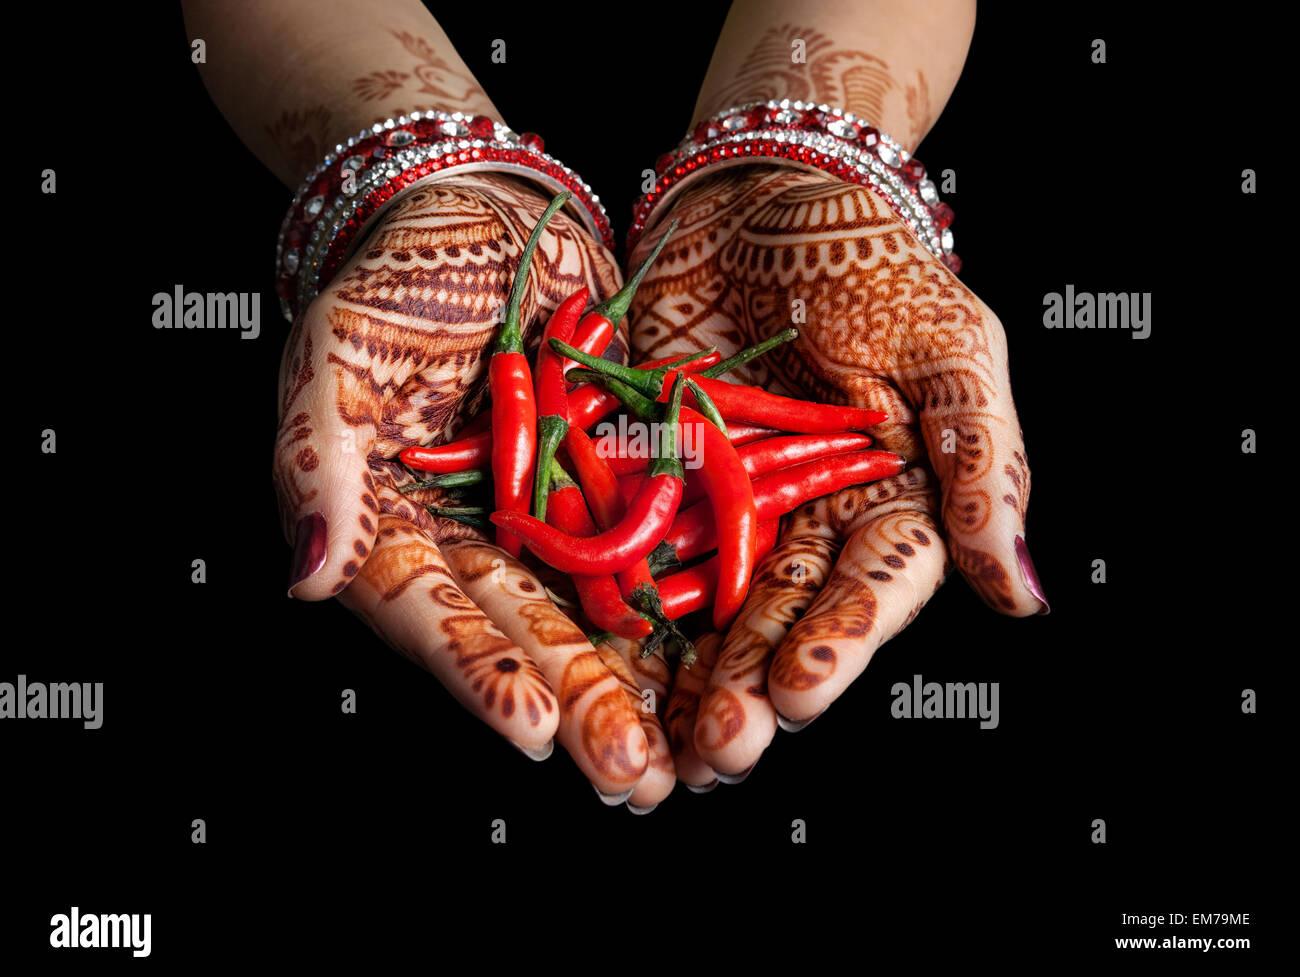 Frau Hände mit Henna roten Chili auf schwarzem Hintergrund mit Beschneidungspfad isoliert halten Stockbild